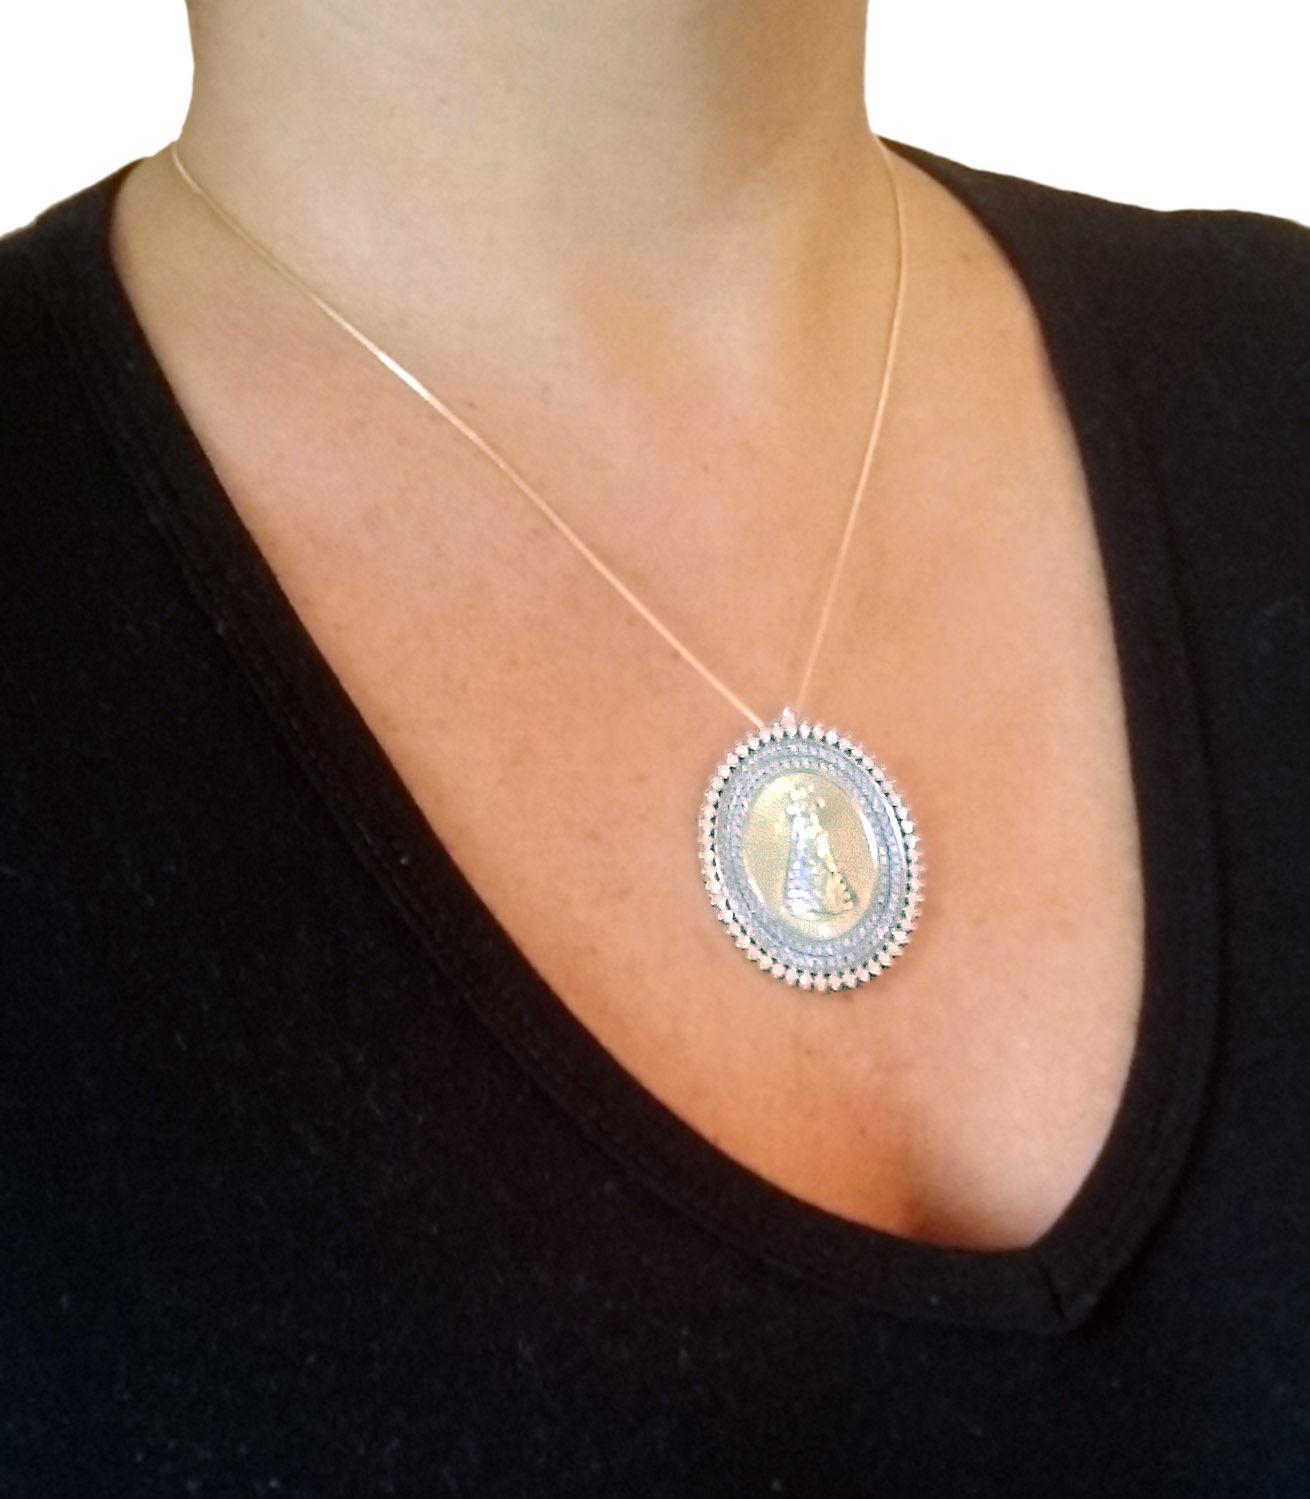 Medalha Oval Nossa Senhora Aparecida Folheada Ouro com Microzirconias